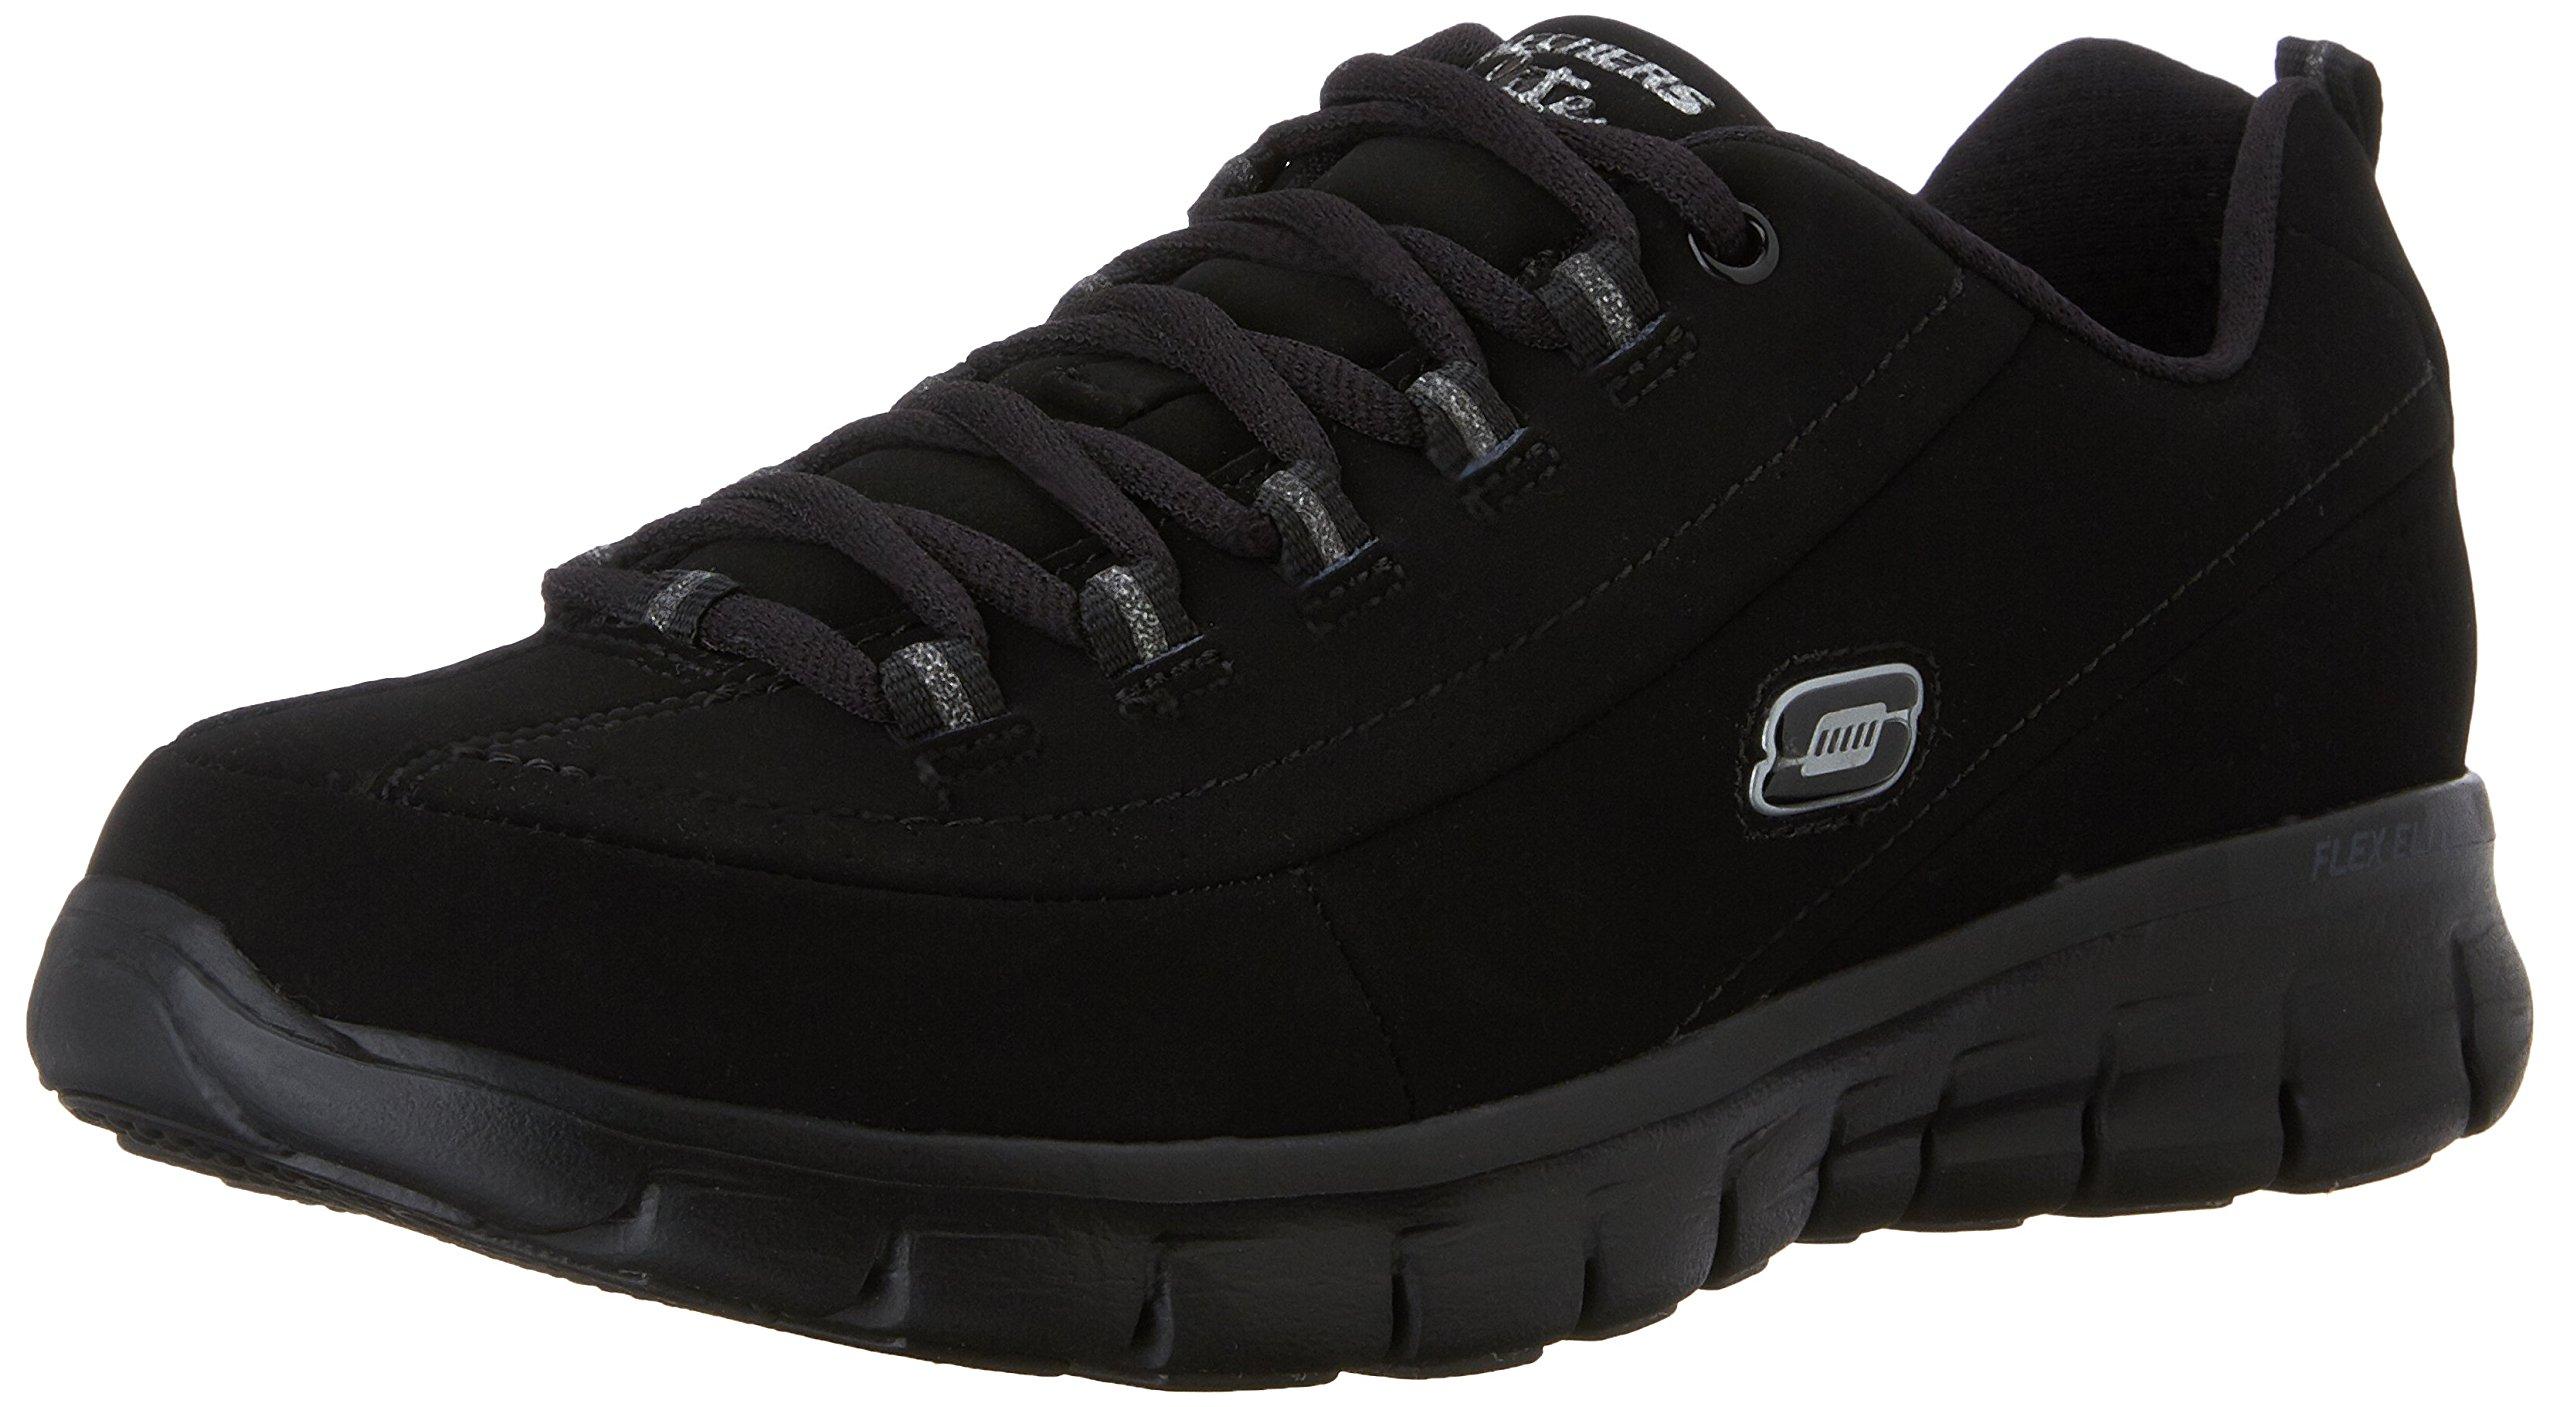 Skechers Sport Women's Trend Setter Fashion Sneaker,Black/Black,8.5 M US